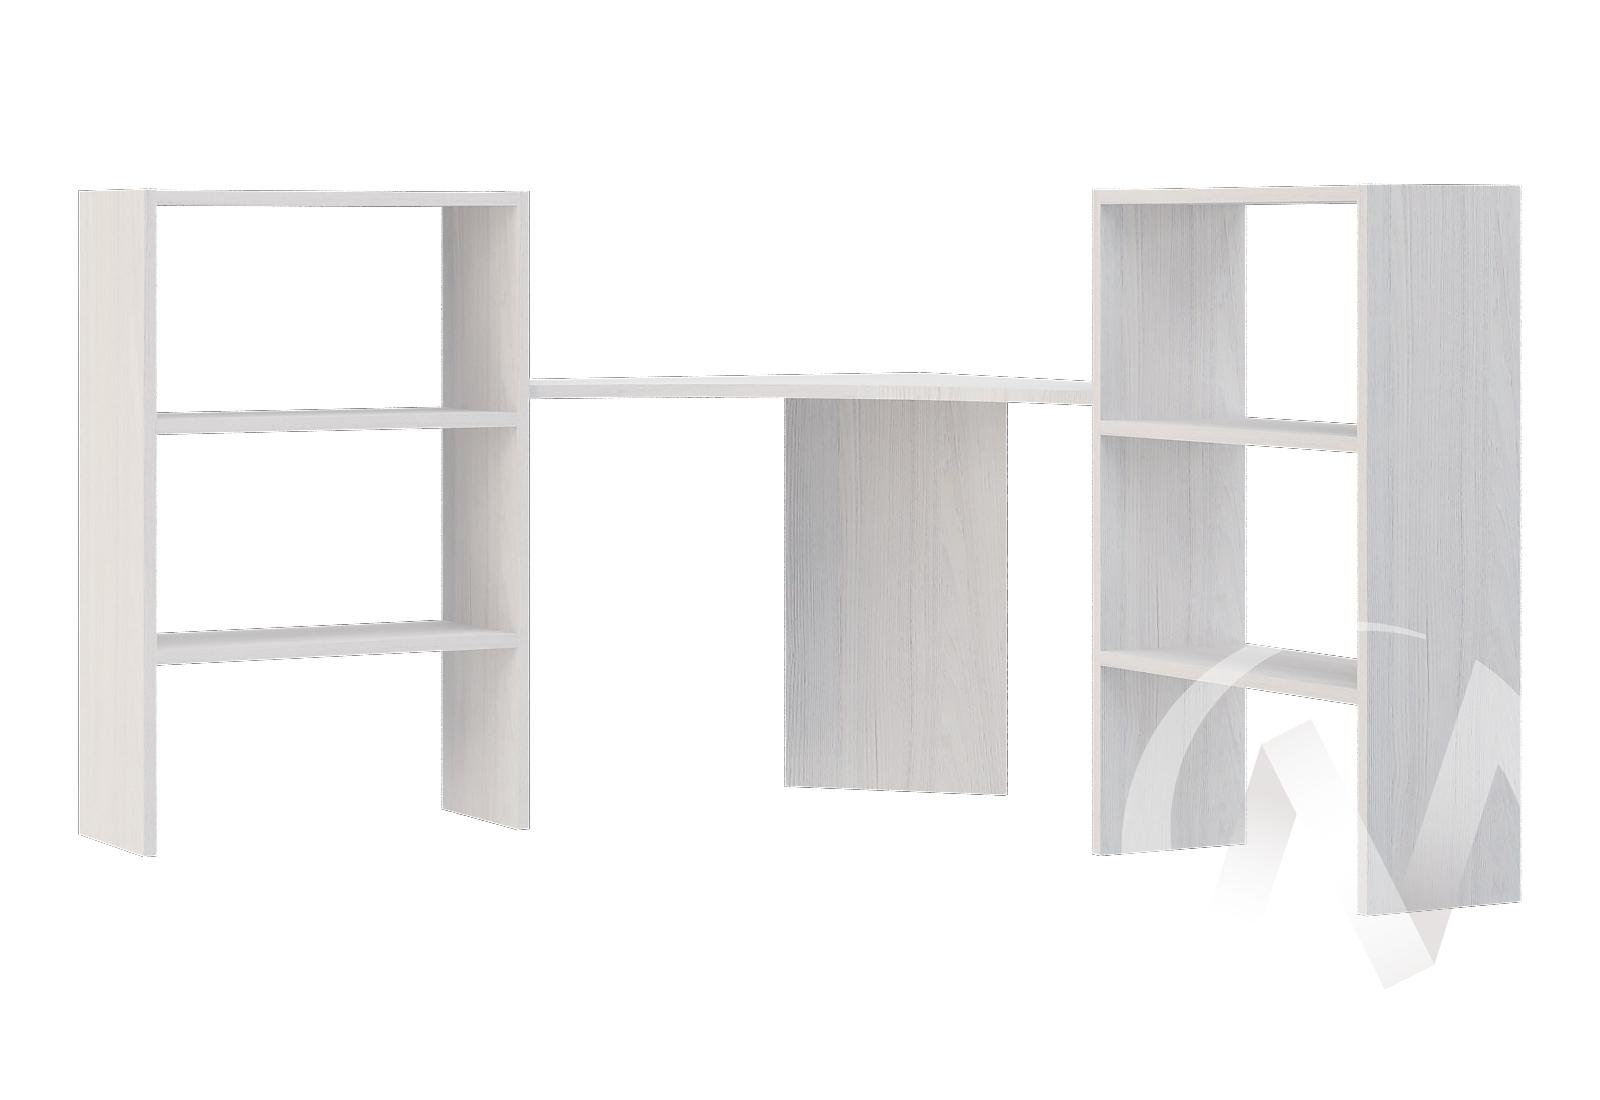 Надставка на угловой стол ПЛ-722 МС Прага (ясень анкор/белое дерево)  в Томске — интернет магазин МИРА-мебель